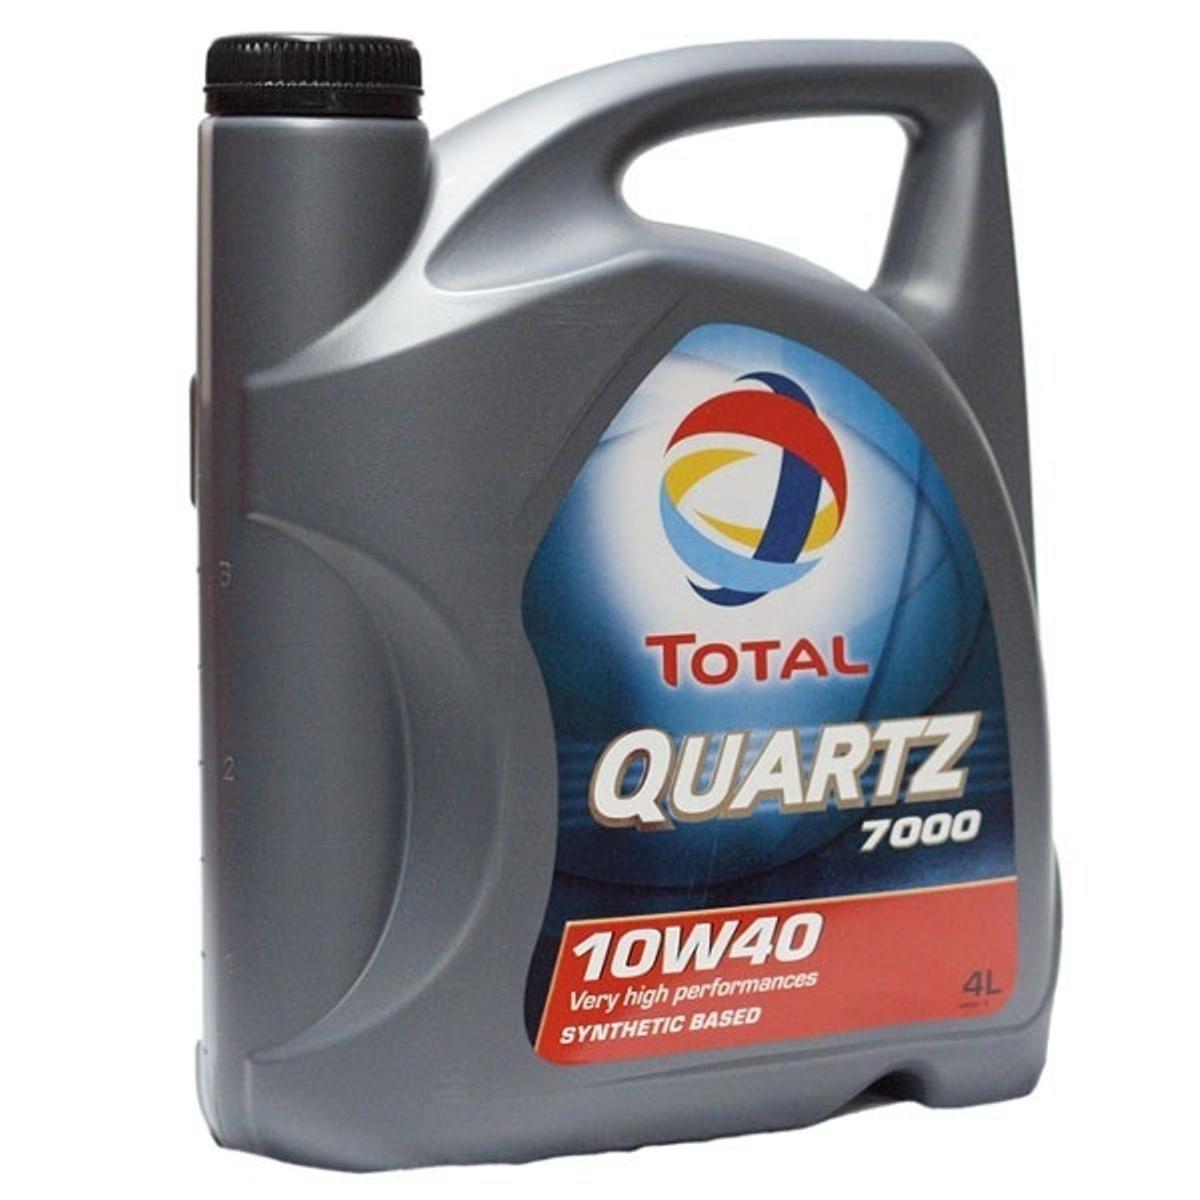 Моторное масло Total Quartz 7000 10W-40, 4 лL-0213Моторное масло Total Quartz 7000 10w-40 разработано для соответствия требованиям спецификаций бензиновых и дизельных двигателей (легковые и небольшие грузовые автомобили). Рекомендовано для применения в двигателях с турбонаддувом, включая многоклапанные. Масло обеспечивает высокие эксплуатационные свойства в условиях высоких нагрузок при вождении по автостраде и в городе, в любое время года. Total Quartz 7000 10w-40 прекрасно подходит для автомобилей, оснащенных катализаторами и использующих этилированный бензин или сжиженный газ. Использование Total Quartz 7000 10w-40 обеспечивает значительную экономию топлива, подтверждено тестом API SH EC I. Благодаря основе, состоящей из синтетических и высокоочищенных минеральных компонентов, Total Quartz 7000 10w-40 обладает высоким индексом вязкости и превосходной вязкостной стабильностью в эксплуатации. Масло изготовлено по технологии, обеспечивающей сочетание свойств легкотекучести (легкий холодный старт) и вязкости (превосходное смазывание при высоких температурах, низкий расход масла). Сохраняет в чистоте двигатель, благодаря выкотехнологичным моющим и диспергирующим присадкам, что не допускает потери мощности. Использование противоизносных присадок обеспечивает надежную защиту наиболее чувствительных частей двигателя. Спецификации/допуски: API SJ/SH/CF, PSA PEUGEOT CITROEN GASOLINE, API Energy Conserving | VOLKSWAGEN 500.00/505.00 (11/92), ACEA A3-96/B3-96 BMW, MB 229.1